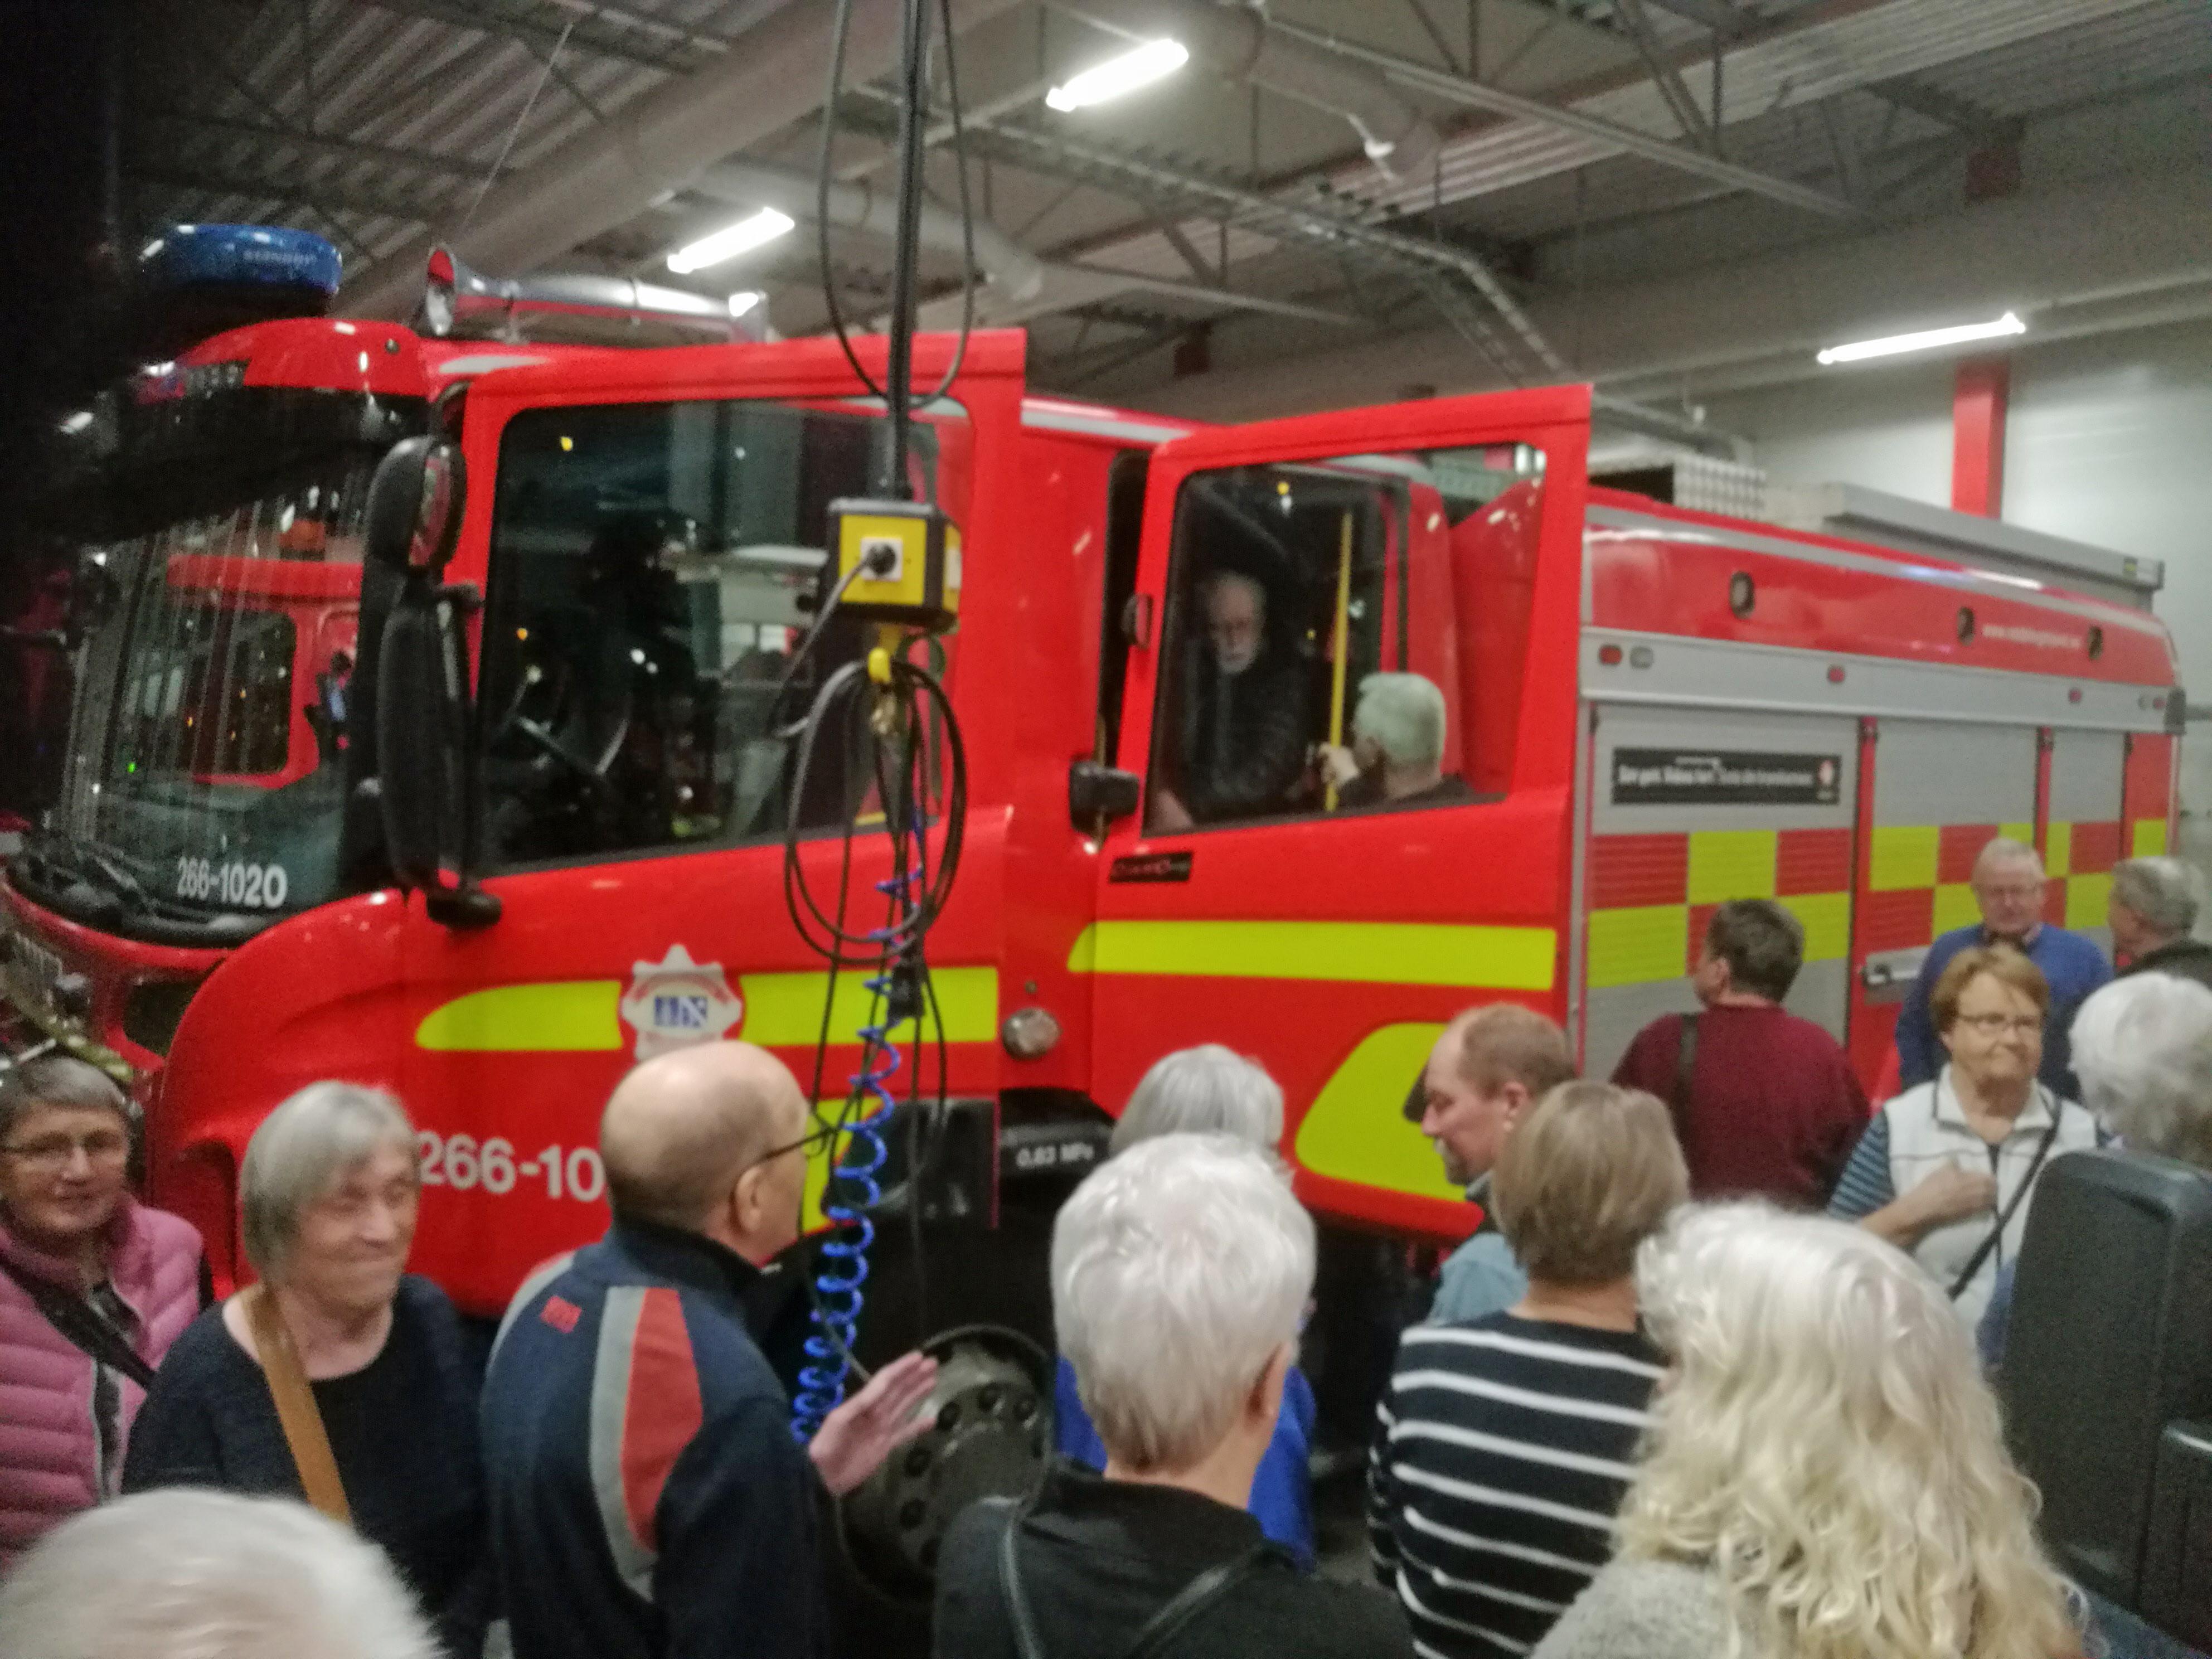 Kent Hoff visar alla finesser på brandbilen för en intresserad publik